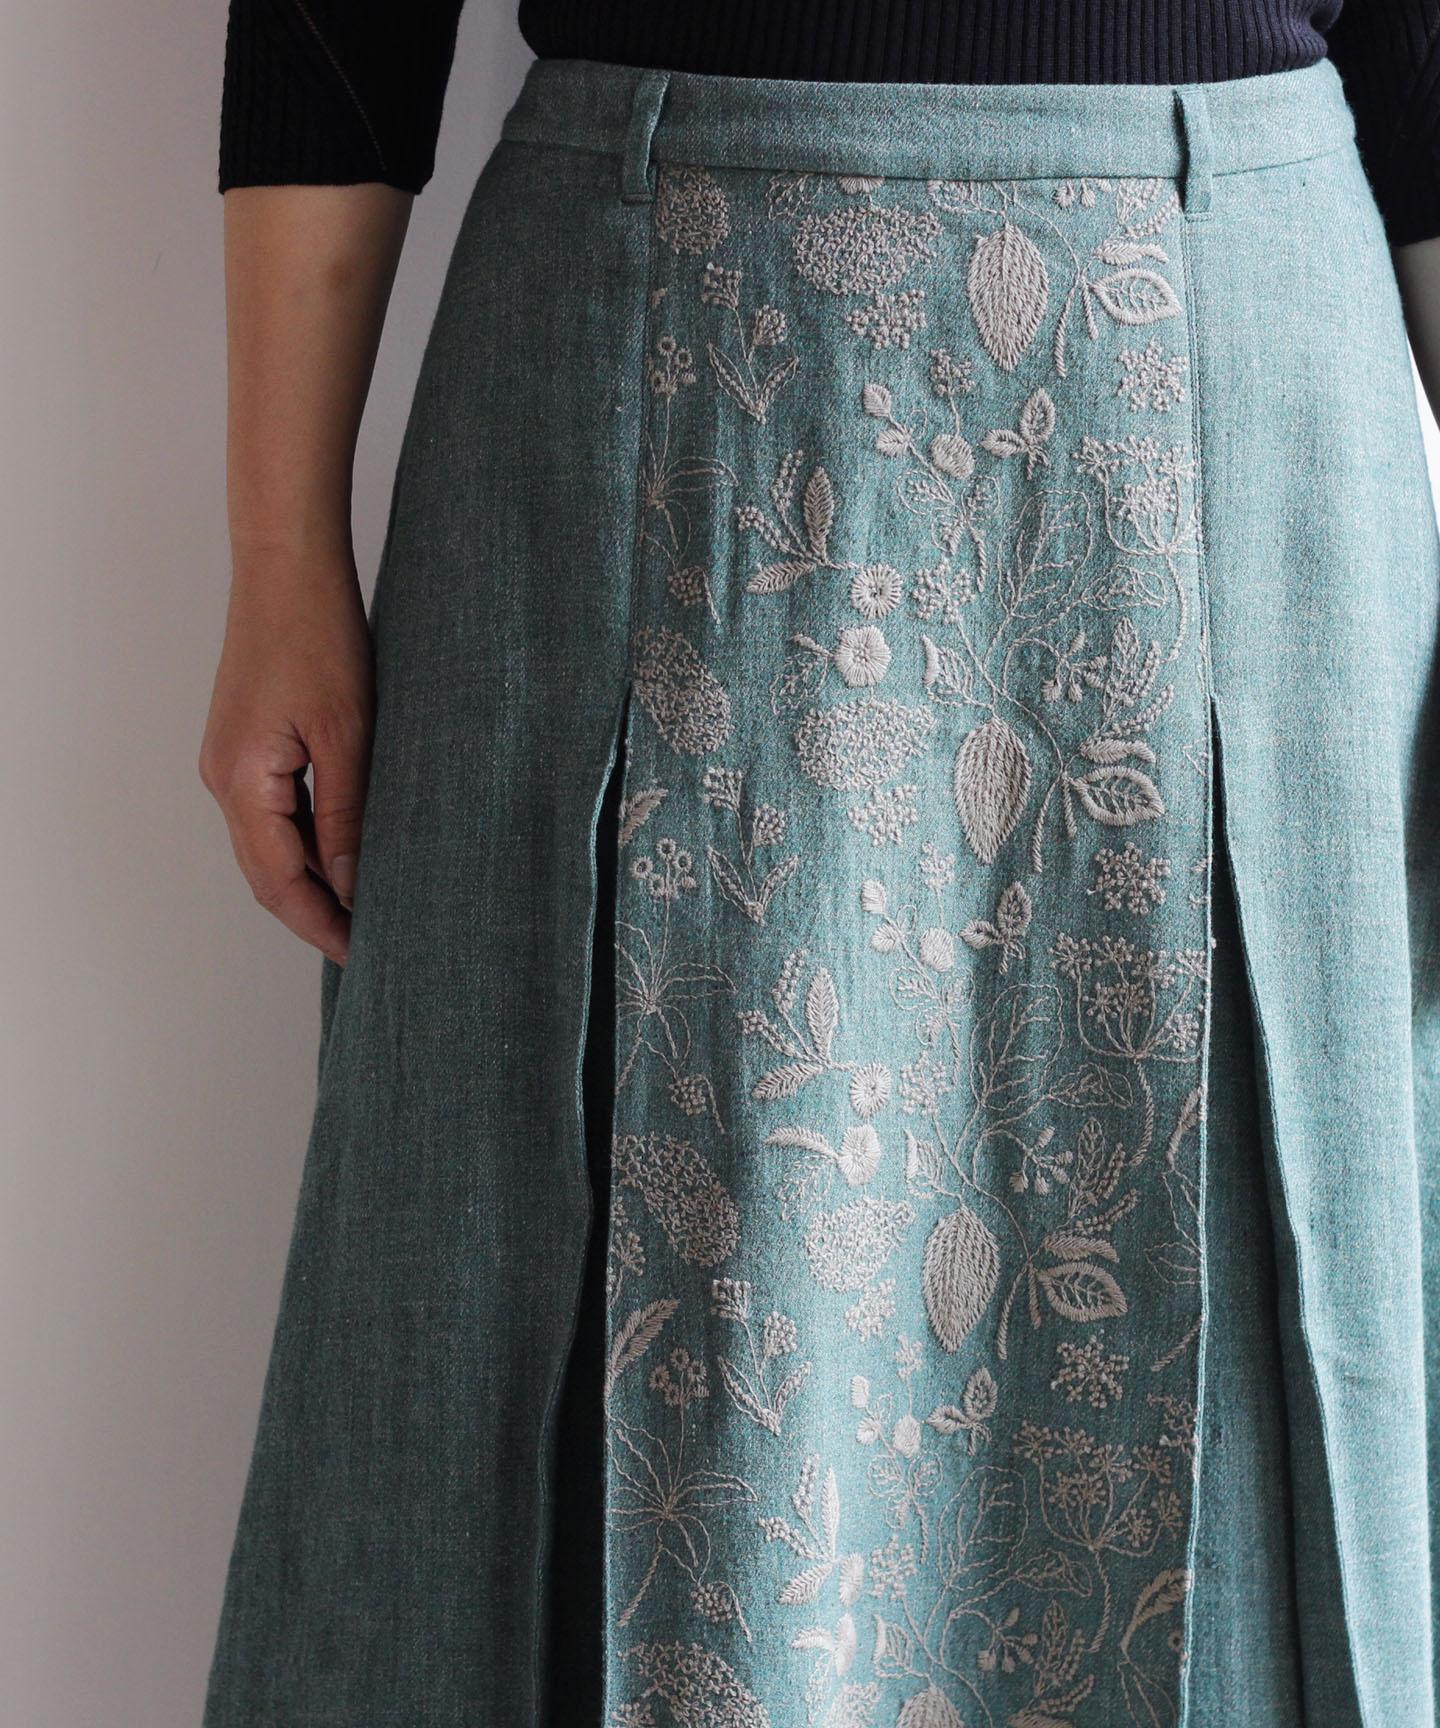 筆記帳刺繍スカート(mua206)